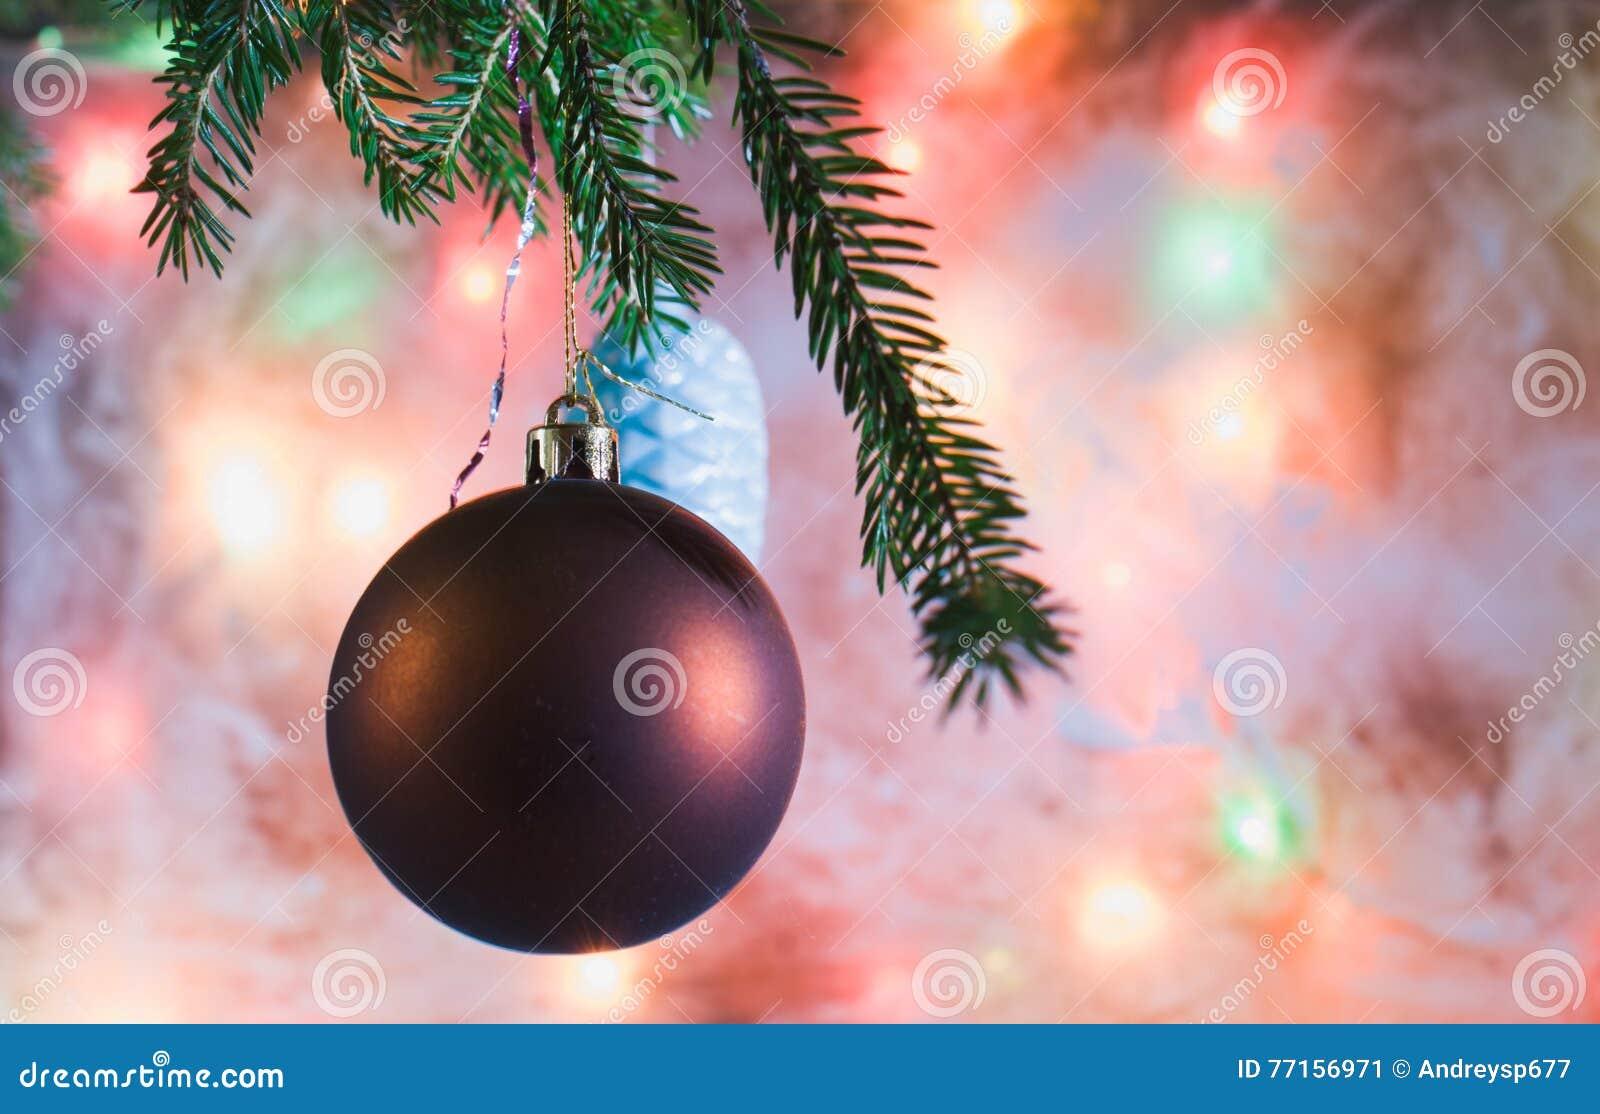 Décorations de Noël sur la branche Le fond du verre givré